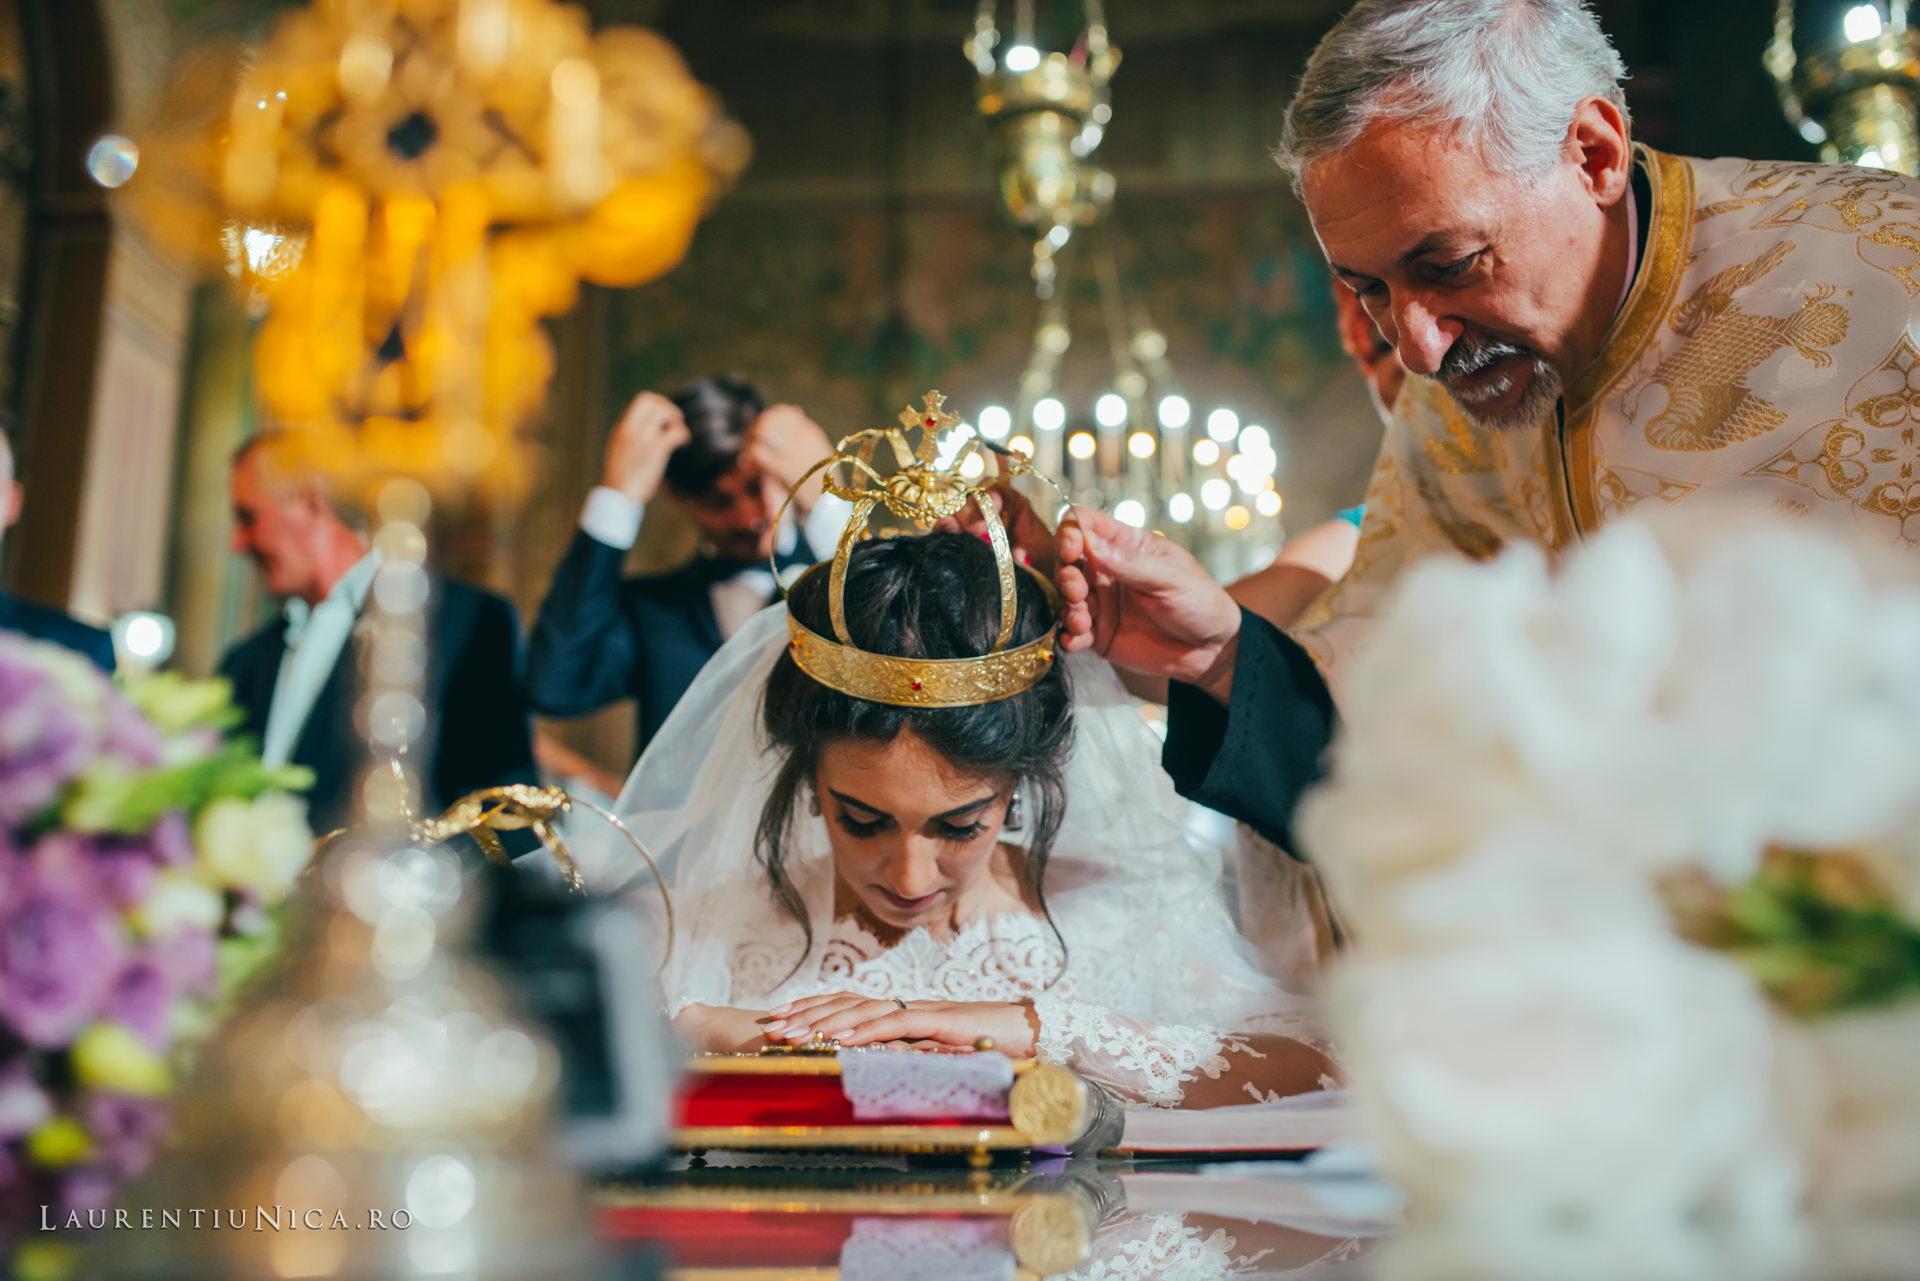 Cristina si Ovidiu nunta Craiova fotograf laurentiu nica 089 - Cristina & Ovidiu | Fotografii nunta | Craiova